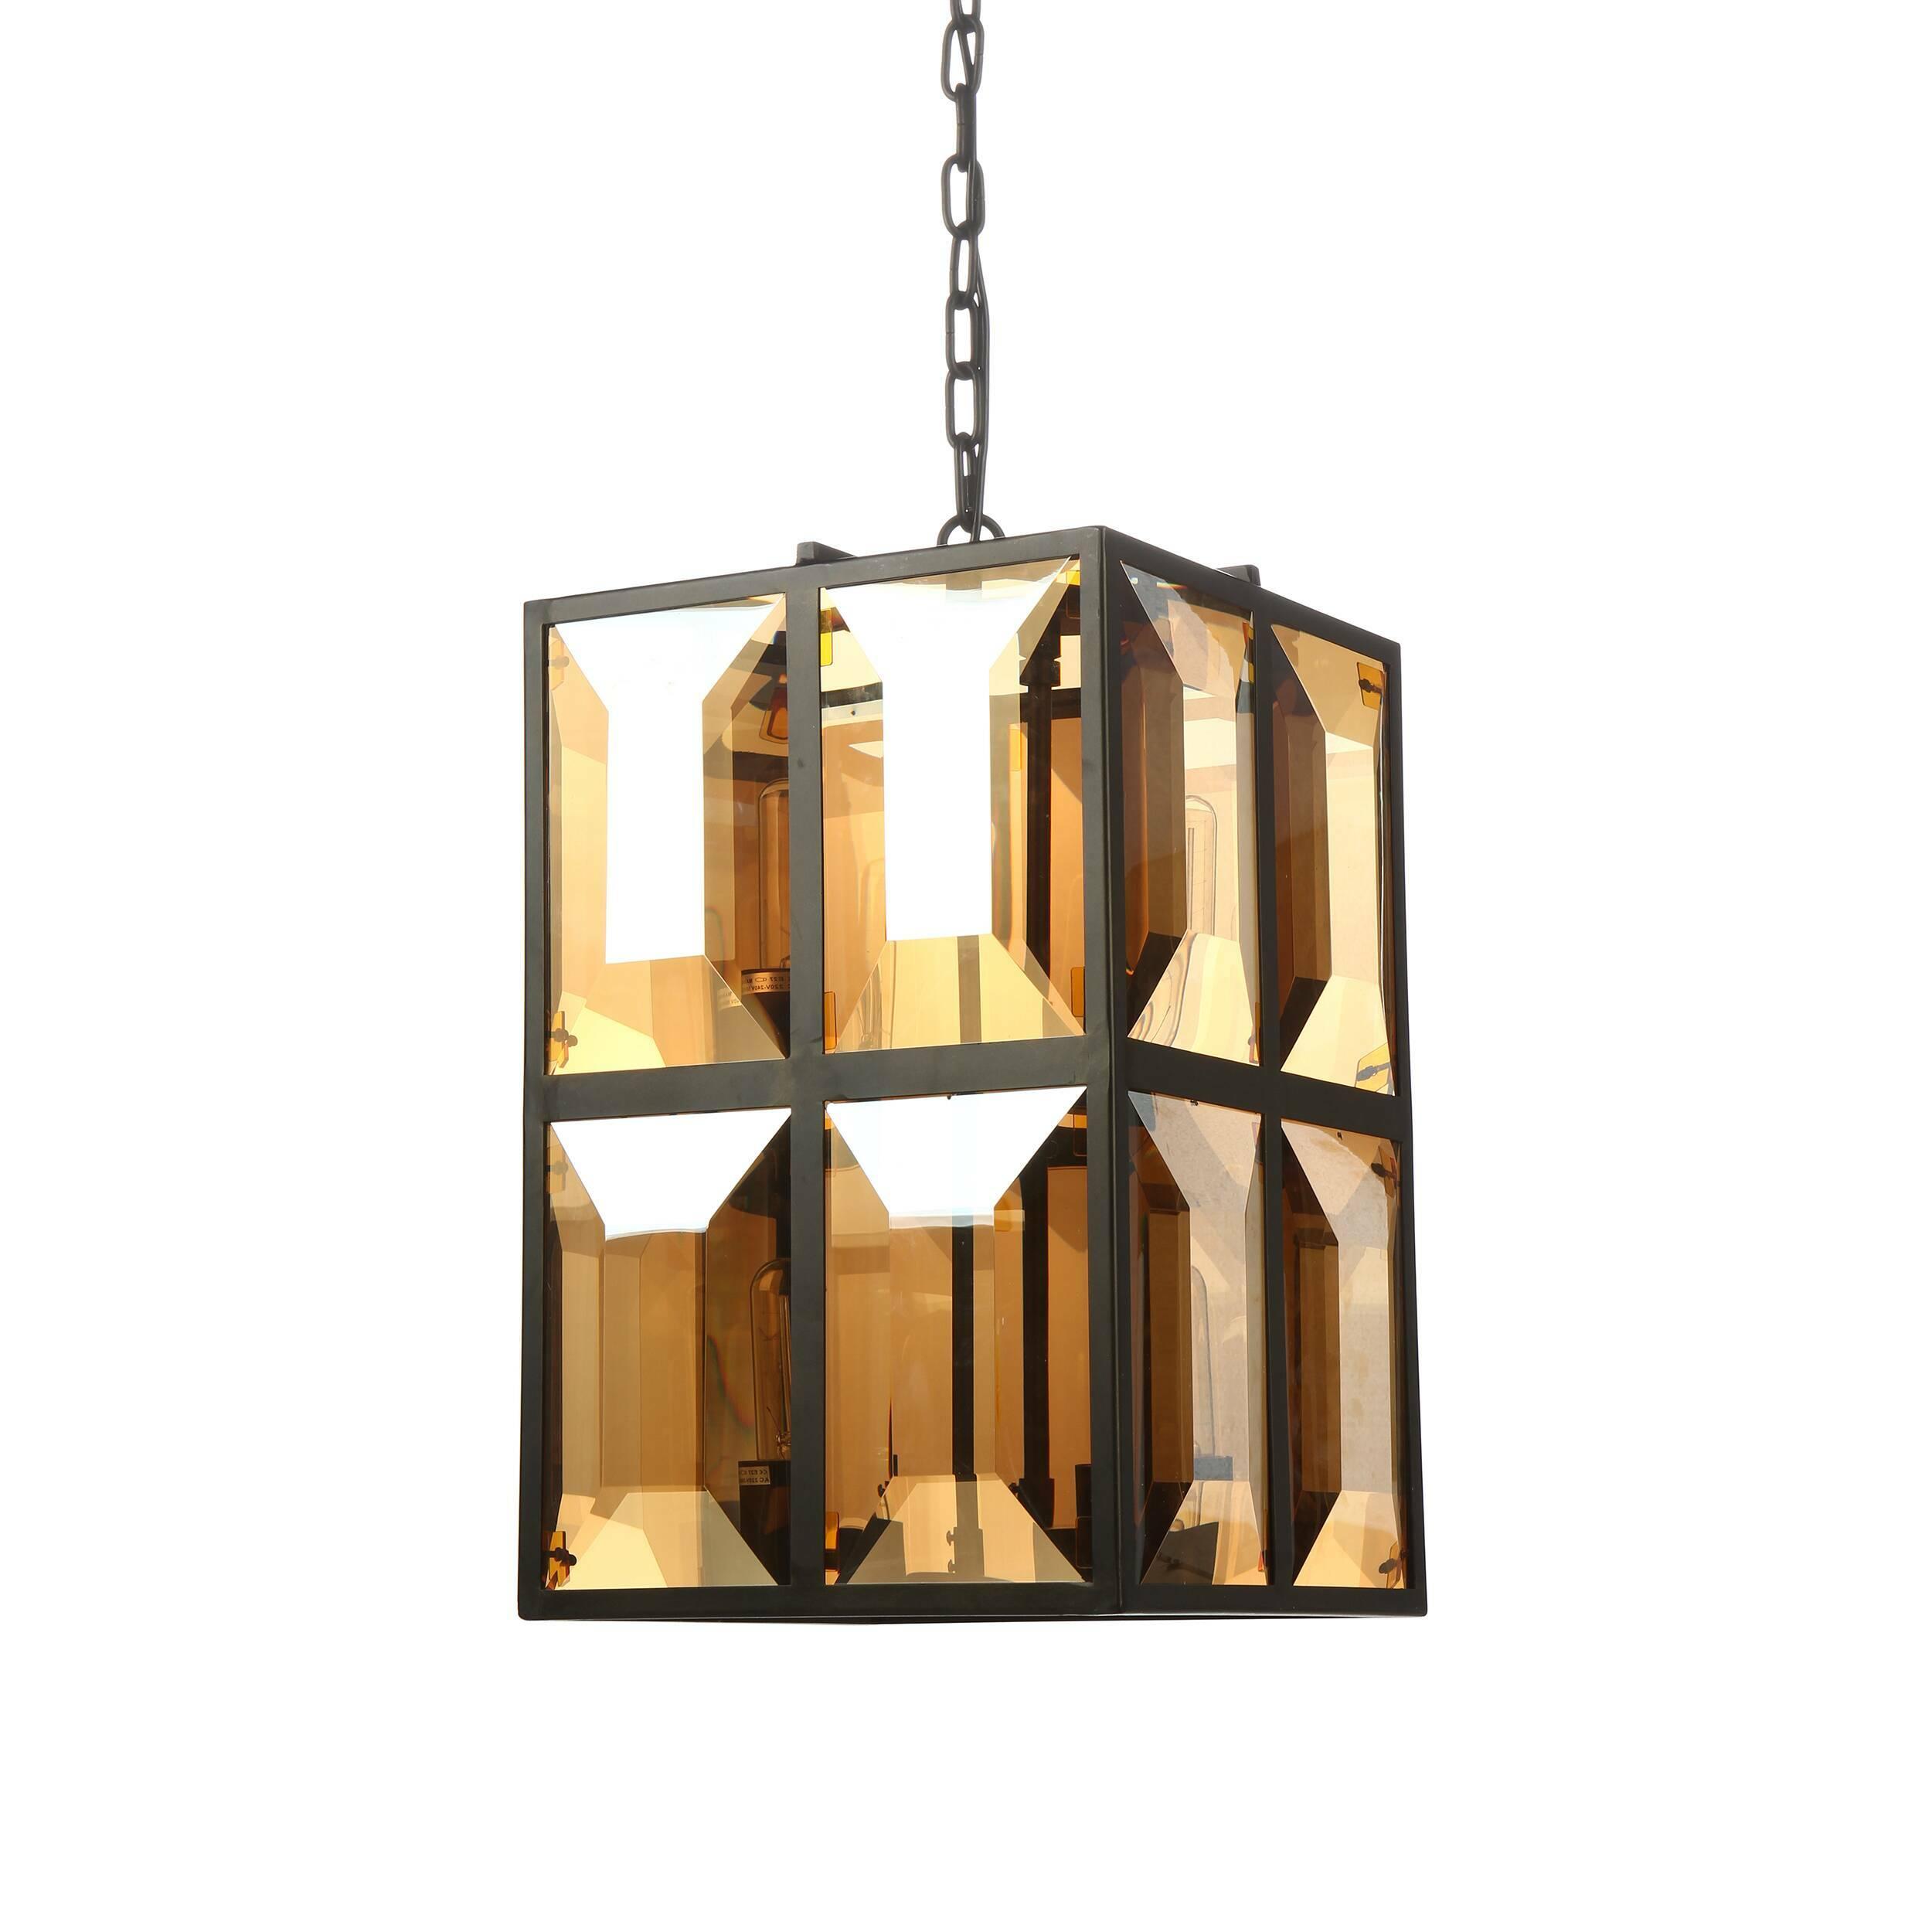 Подвесной светильник WindowПодвесные<br>Основная стилеобразующая черта подвесного светильника Window — это его правильная геометрия. Его параметры вымерены с точностью до миллиметра. Идеальные прямые углы и линии изделия невероятно органичны и подходят для использования в различных современных интерьерах, выполненных в таких стилях, как техно, конструктивизм, индастриал.<br> <br> Благодаря лампам накаливания в его дизайне есть оттенок стиля ретро. Именно они создают это уникальное ощущение, поскольку точно повторяют форму старинных лам...<br><br>stock: 6<br>Высота: 58<br>Ширина: 38<br>Длина: 38<br>Количество ламп: 8<br>Материал абажура: Стекло<br>Материал арматуры: Металл<br>Мощность лампы: 40<br>Ламп в комплекте: Нет<br>Напряжение: 220-240<br>Тип лампы/цоколь: E27<br>Цвет абажура: Янтарь<br>Цвет арматуры: Черный<br>Цвет провода: Черный